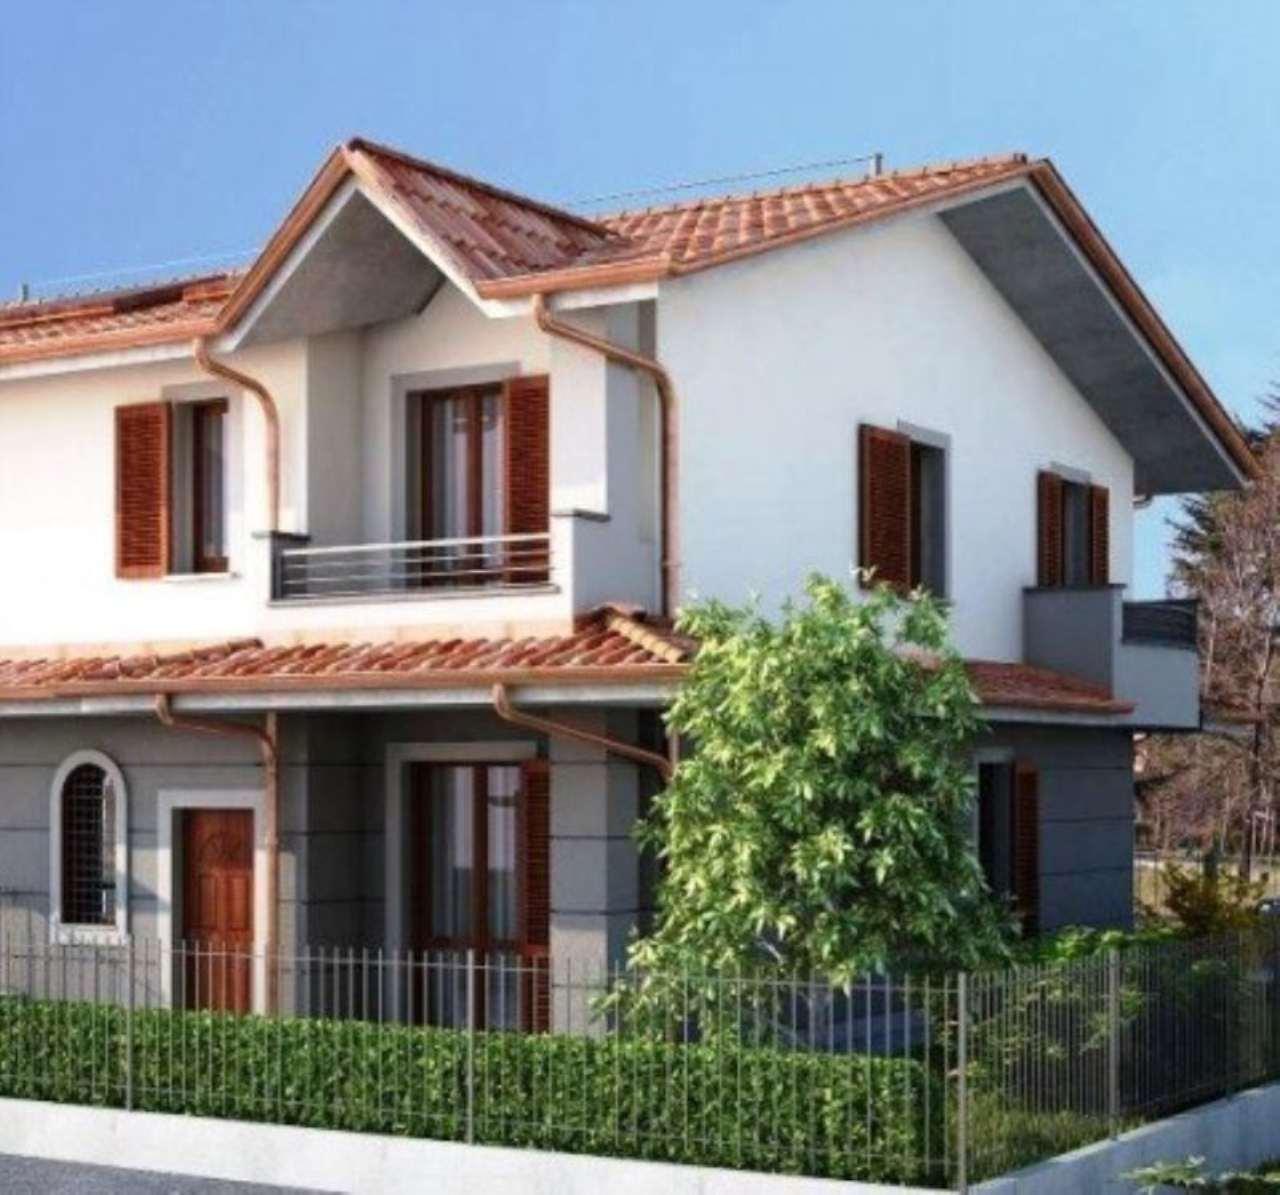 Villa in vendita a Caravaggio, 4 locali, prezzo € 255.000 | Cambio Casa.it